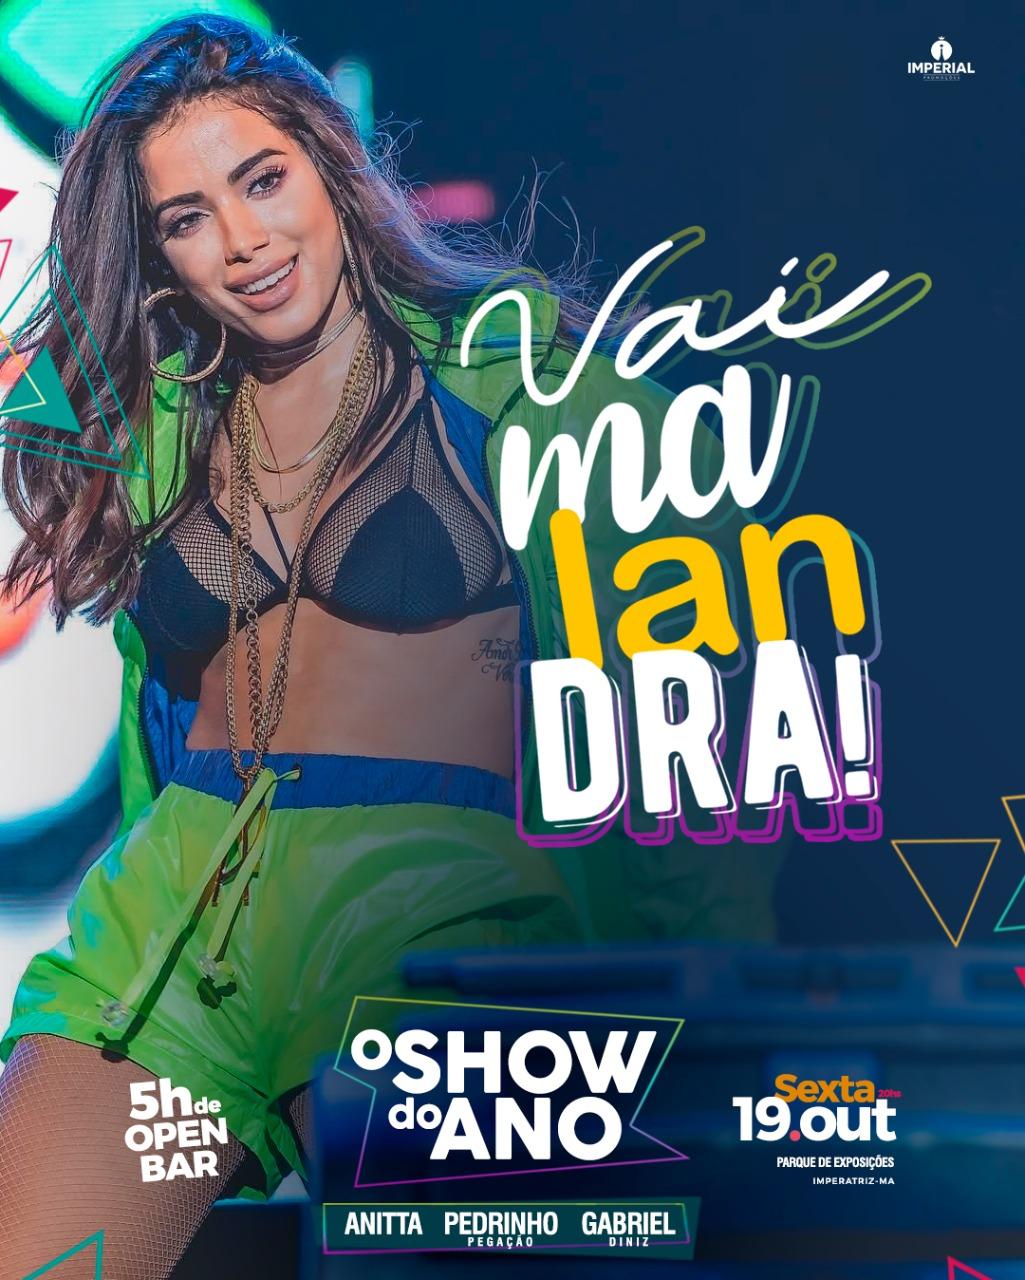 SHOW DA ANITA - DIA 19/10